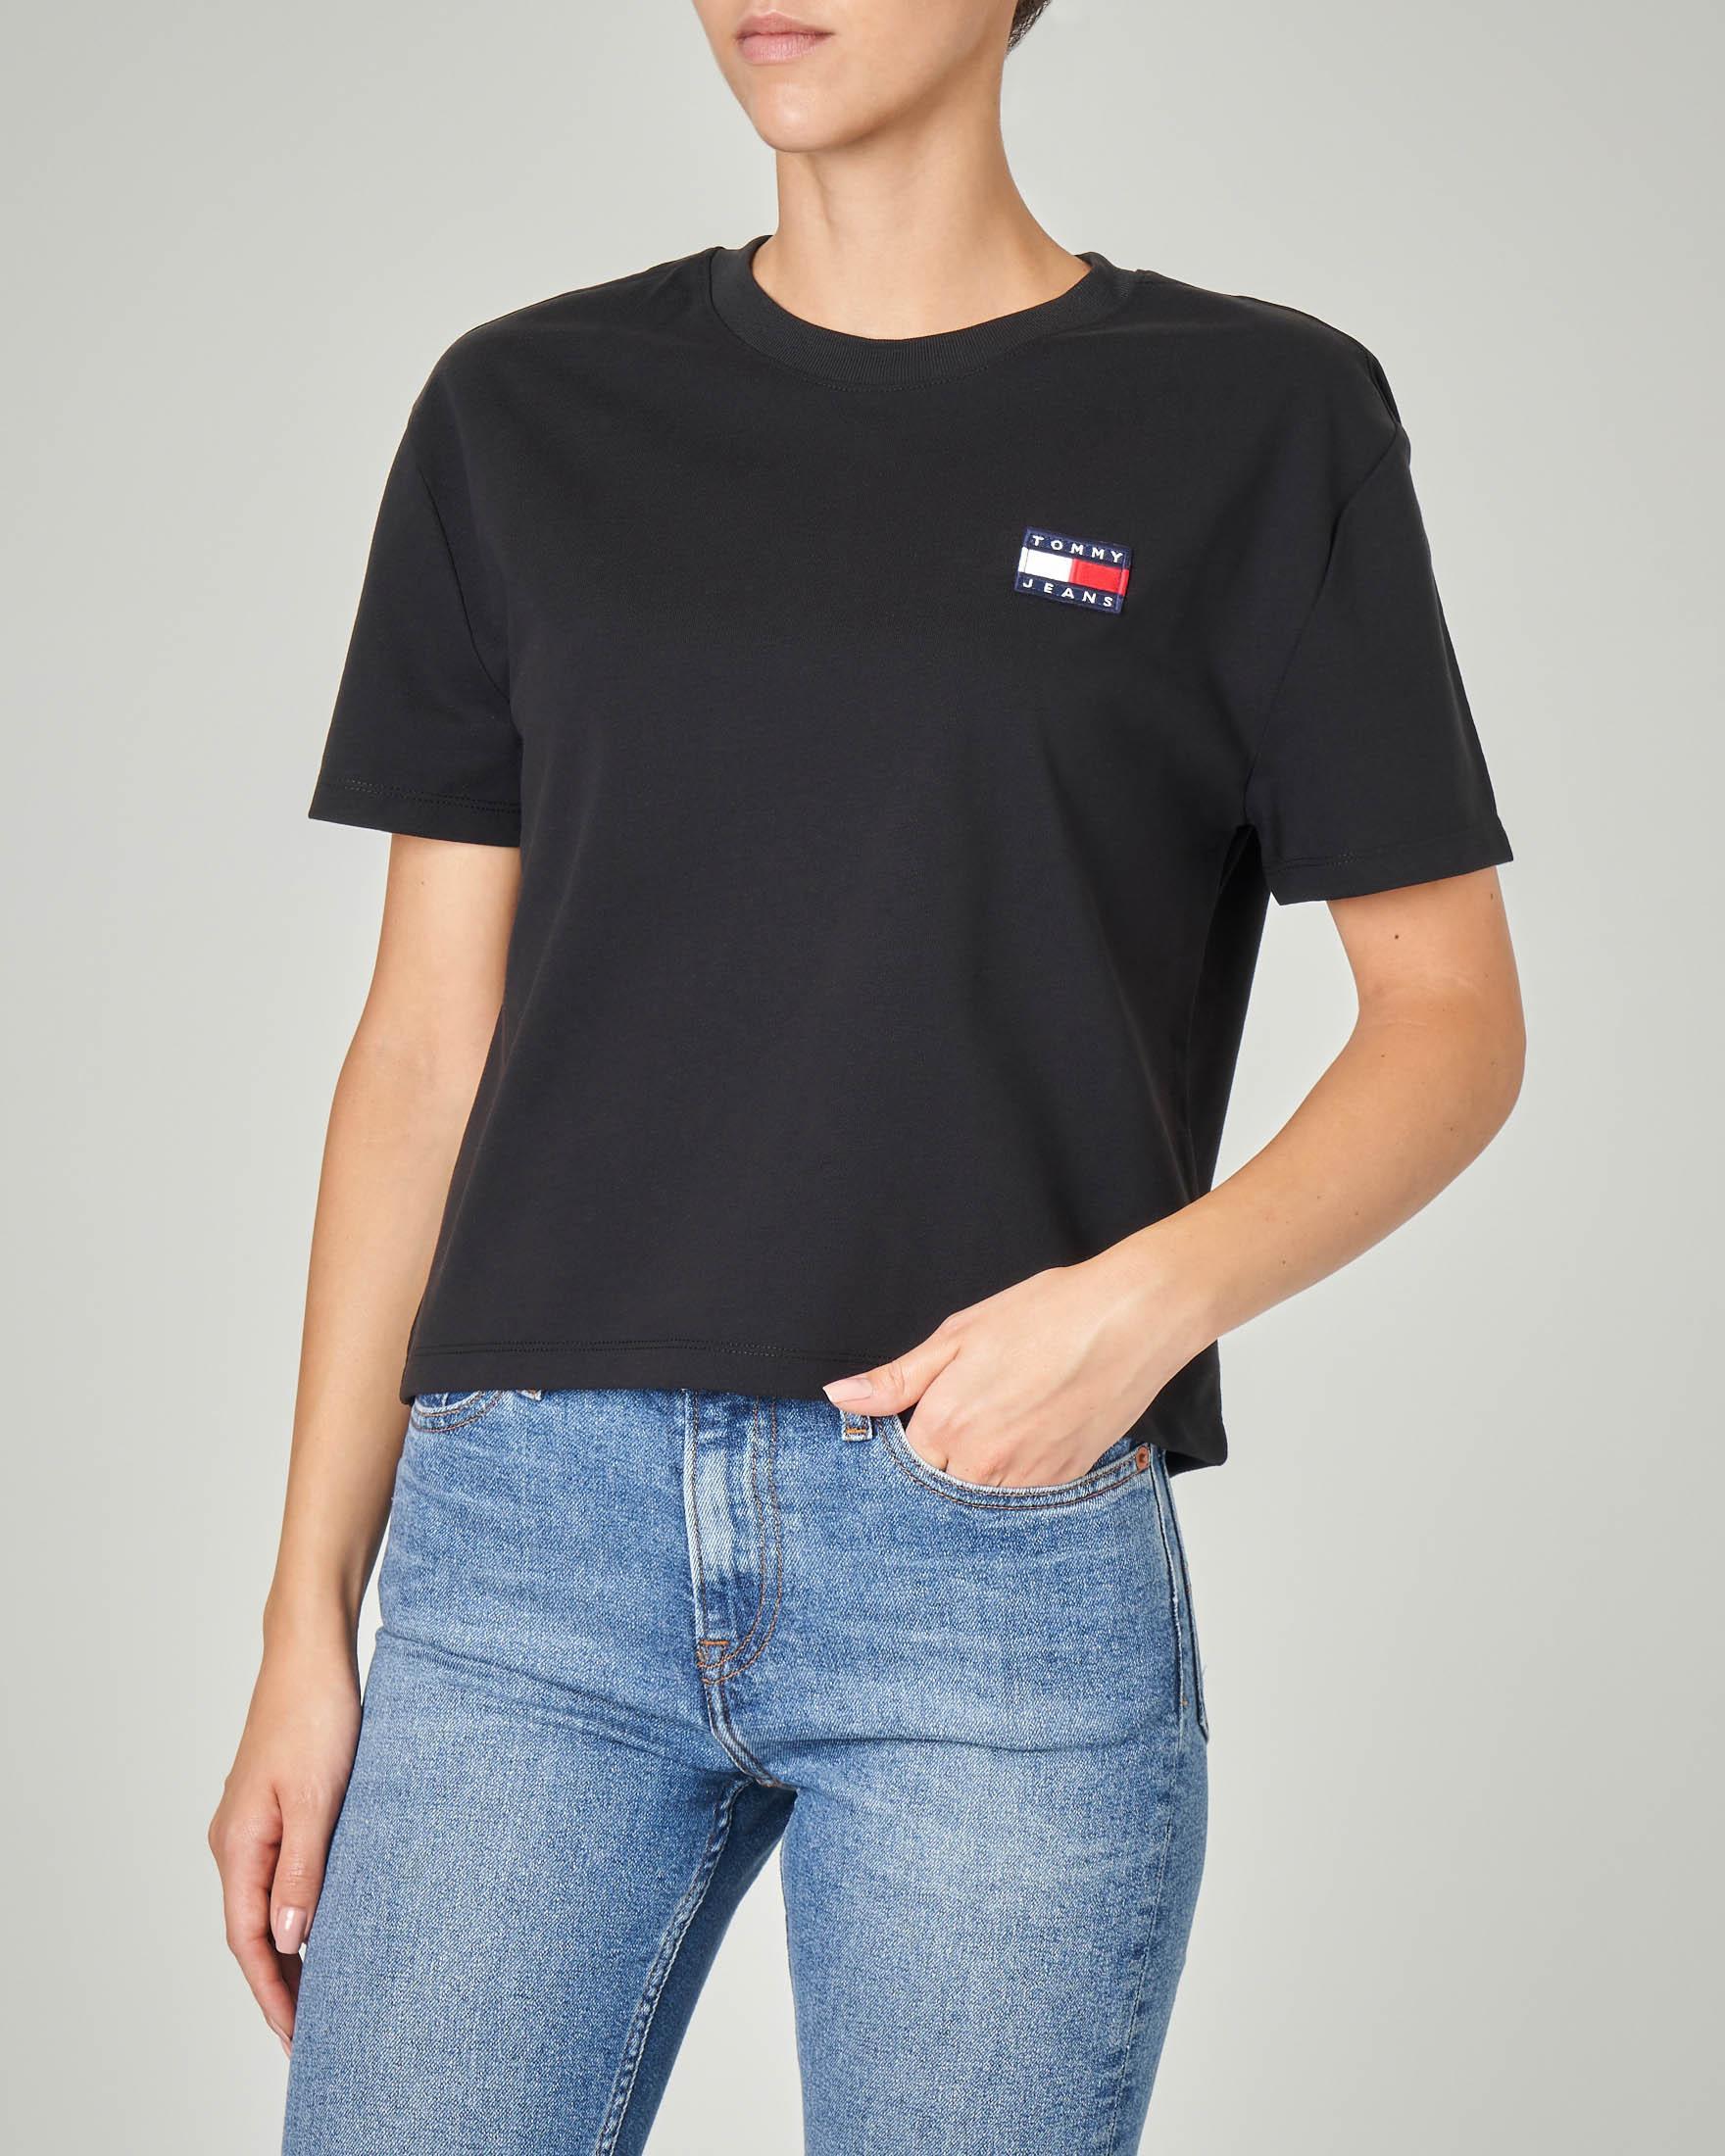 T-shirt manica corta nera in cotone organico con logo